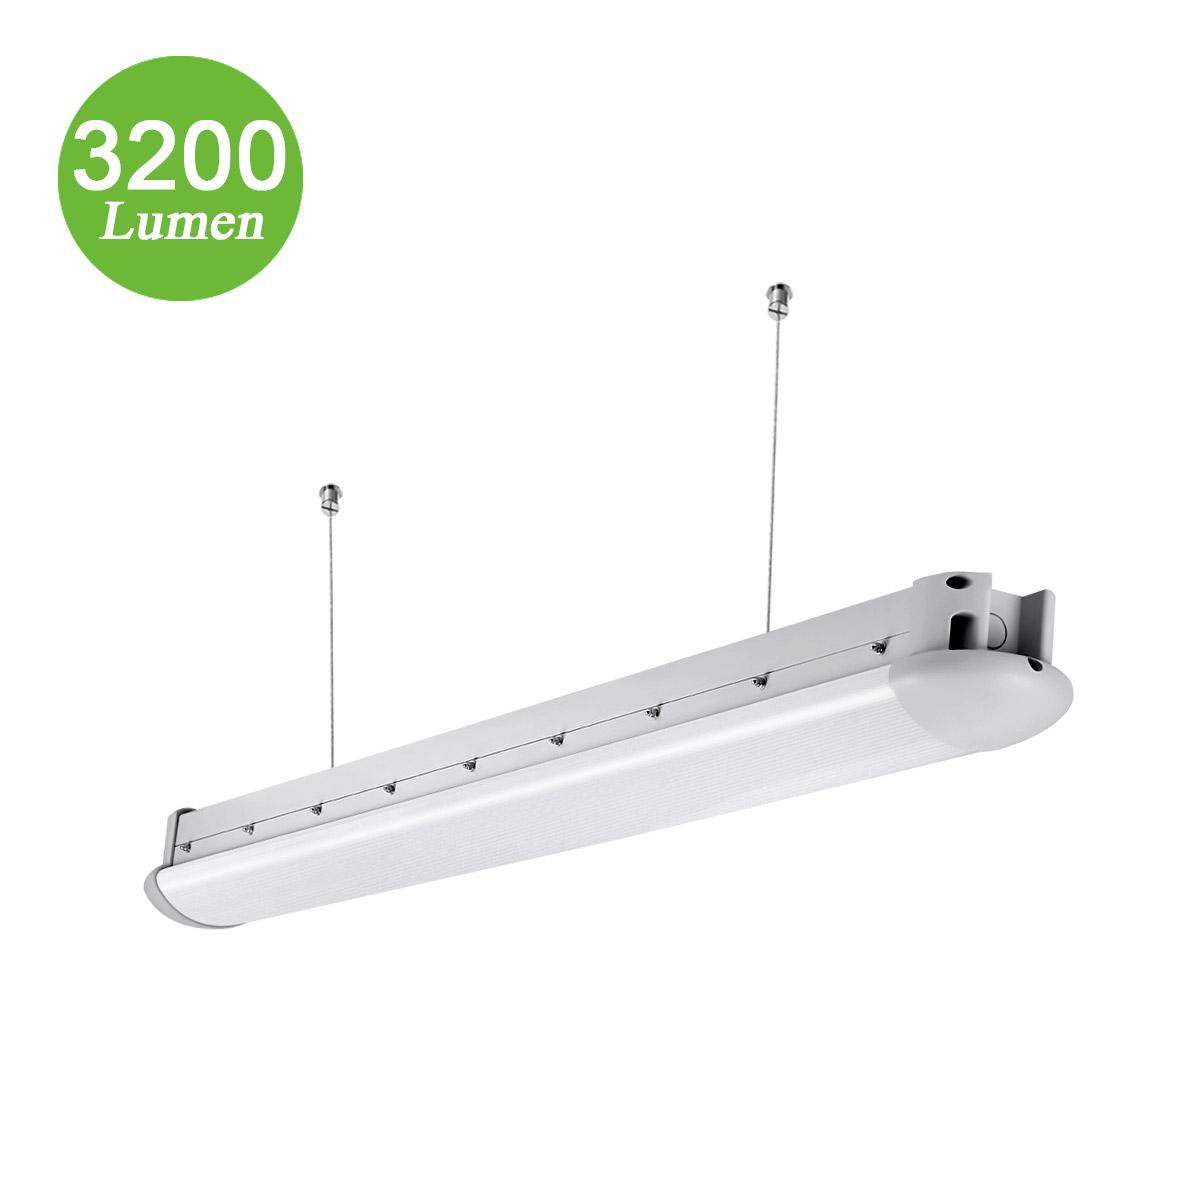 40W LED Feuchtraumleuchte, 3200lm Werkstattbeleuchtung, geschütztes Licht, Ersatz für 90W Leuchtstoffrßhren, Kaltweiß